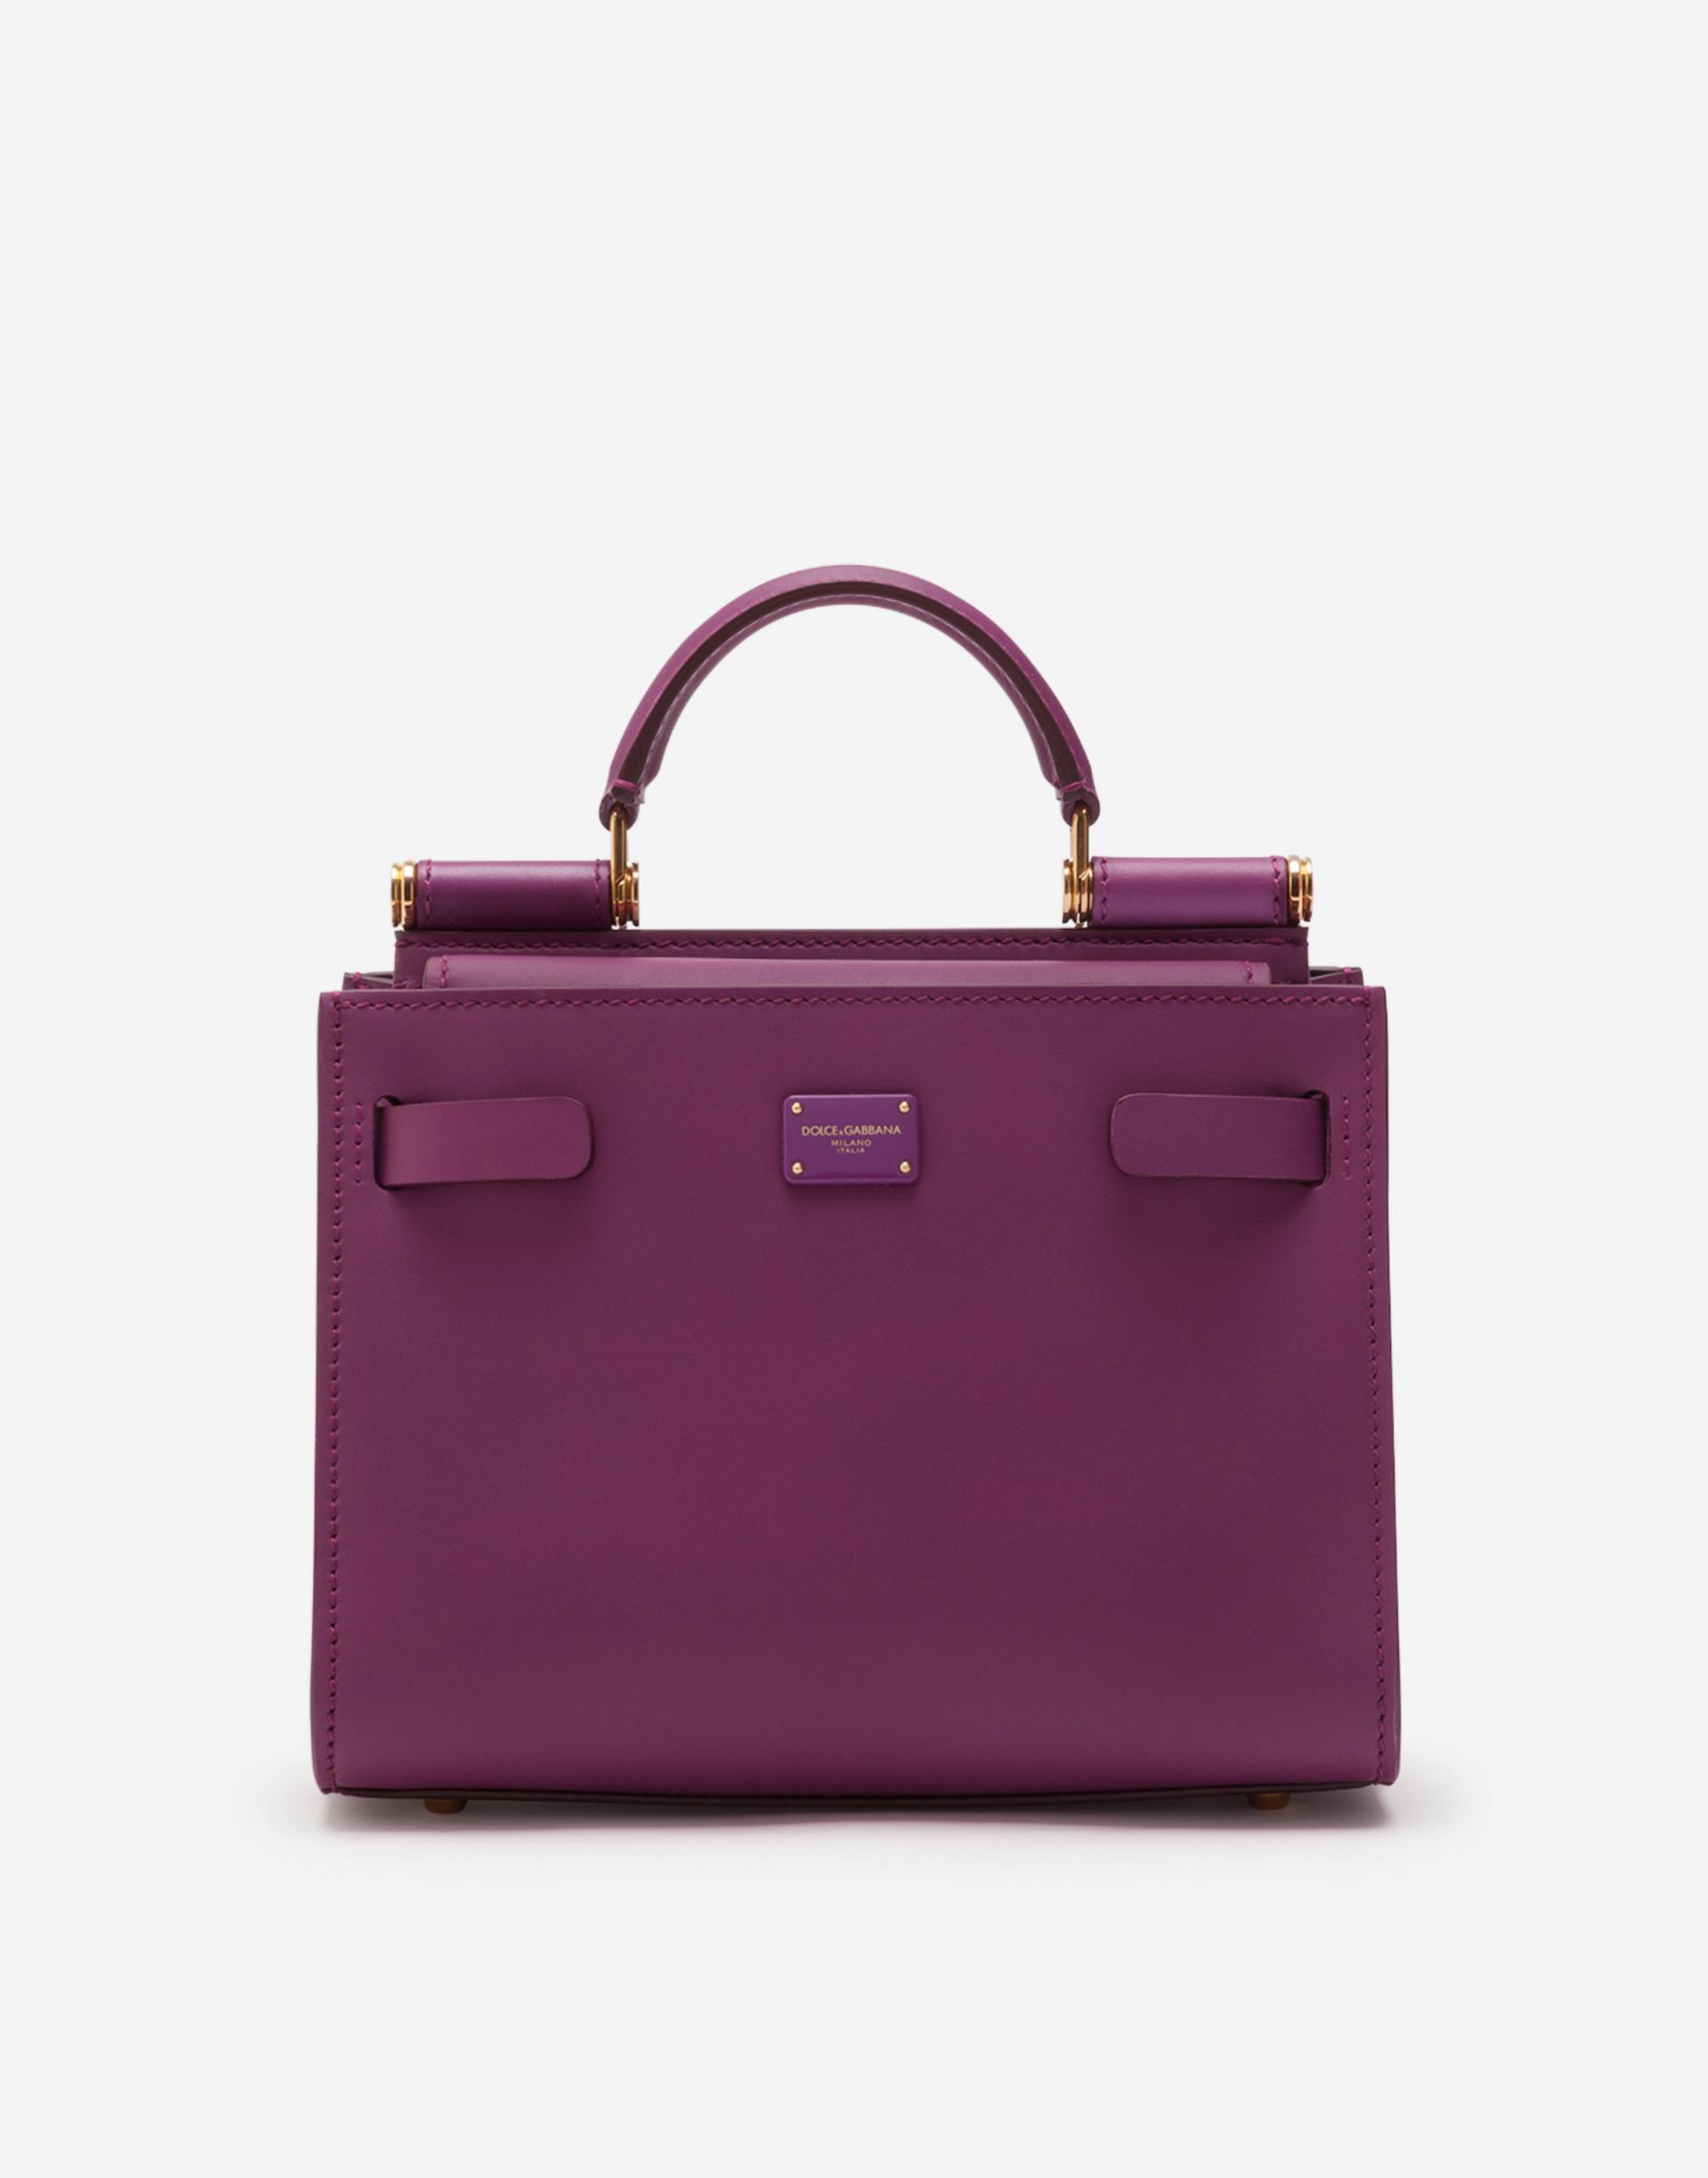 Dolce & Gabbana Leathers SICILY 62 MINI BAG IN CALFSKIN